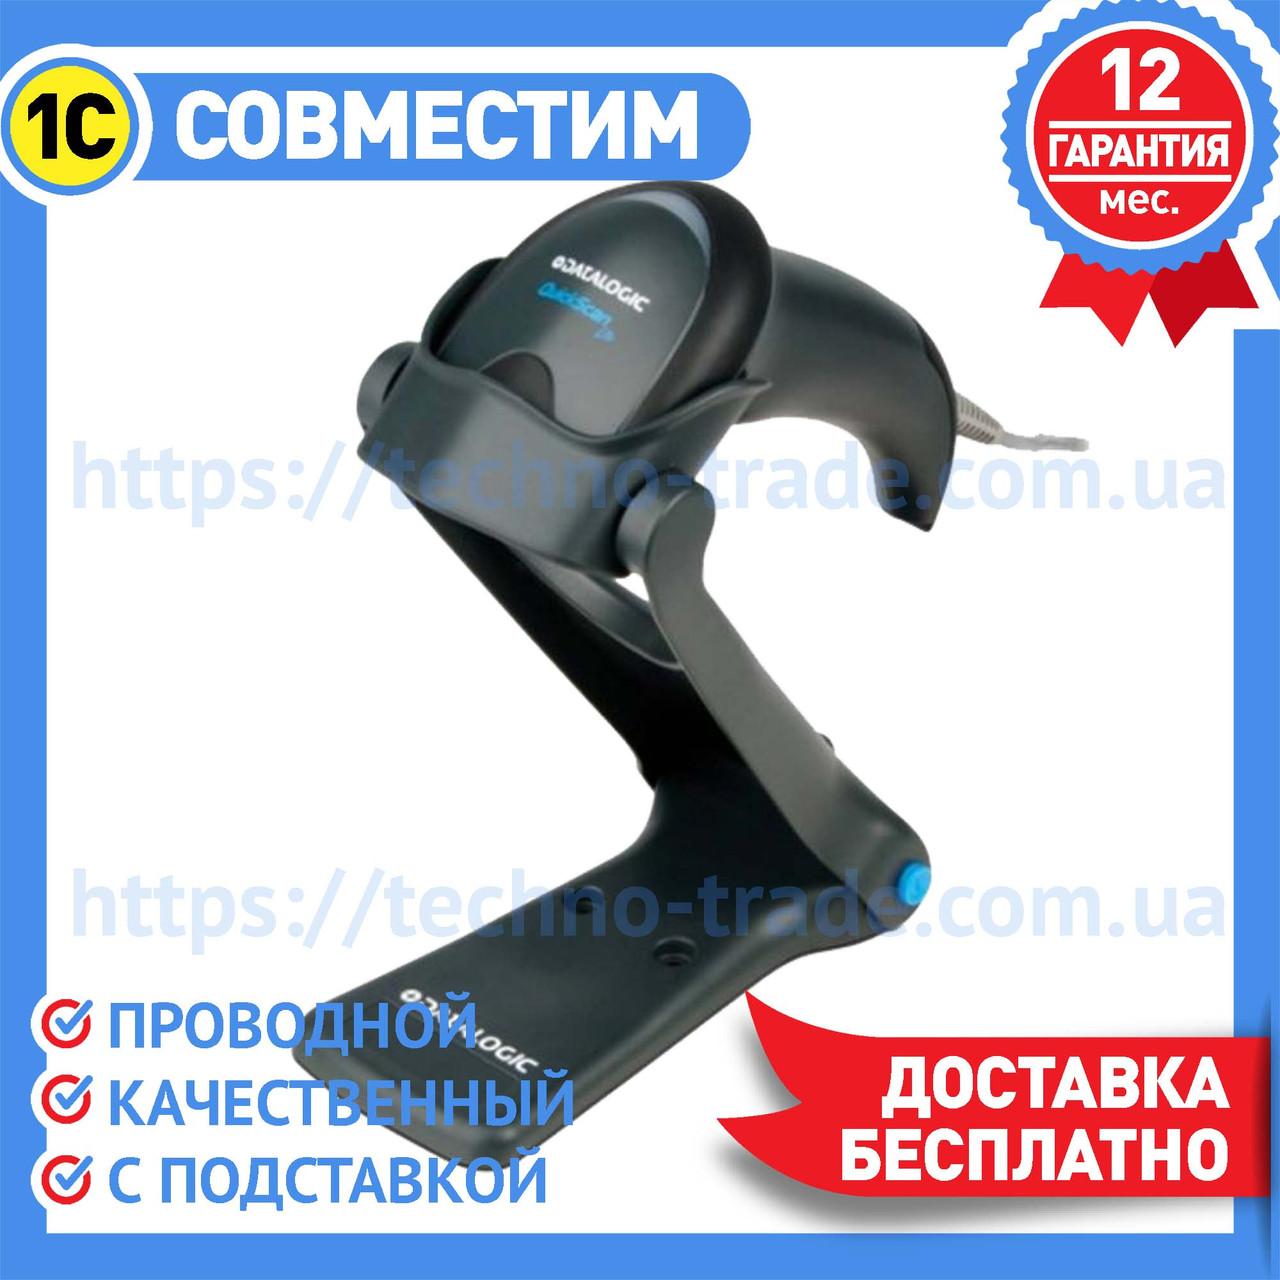 Сканер штрих-кодов Datalogic QuickScan QW2100 Lite + подставка